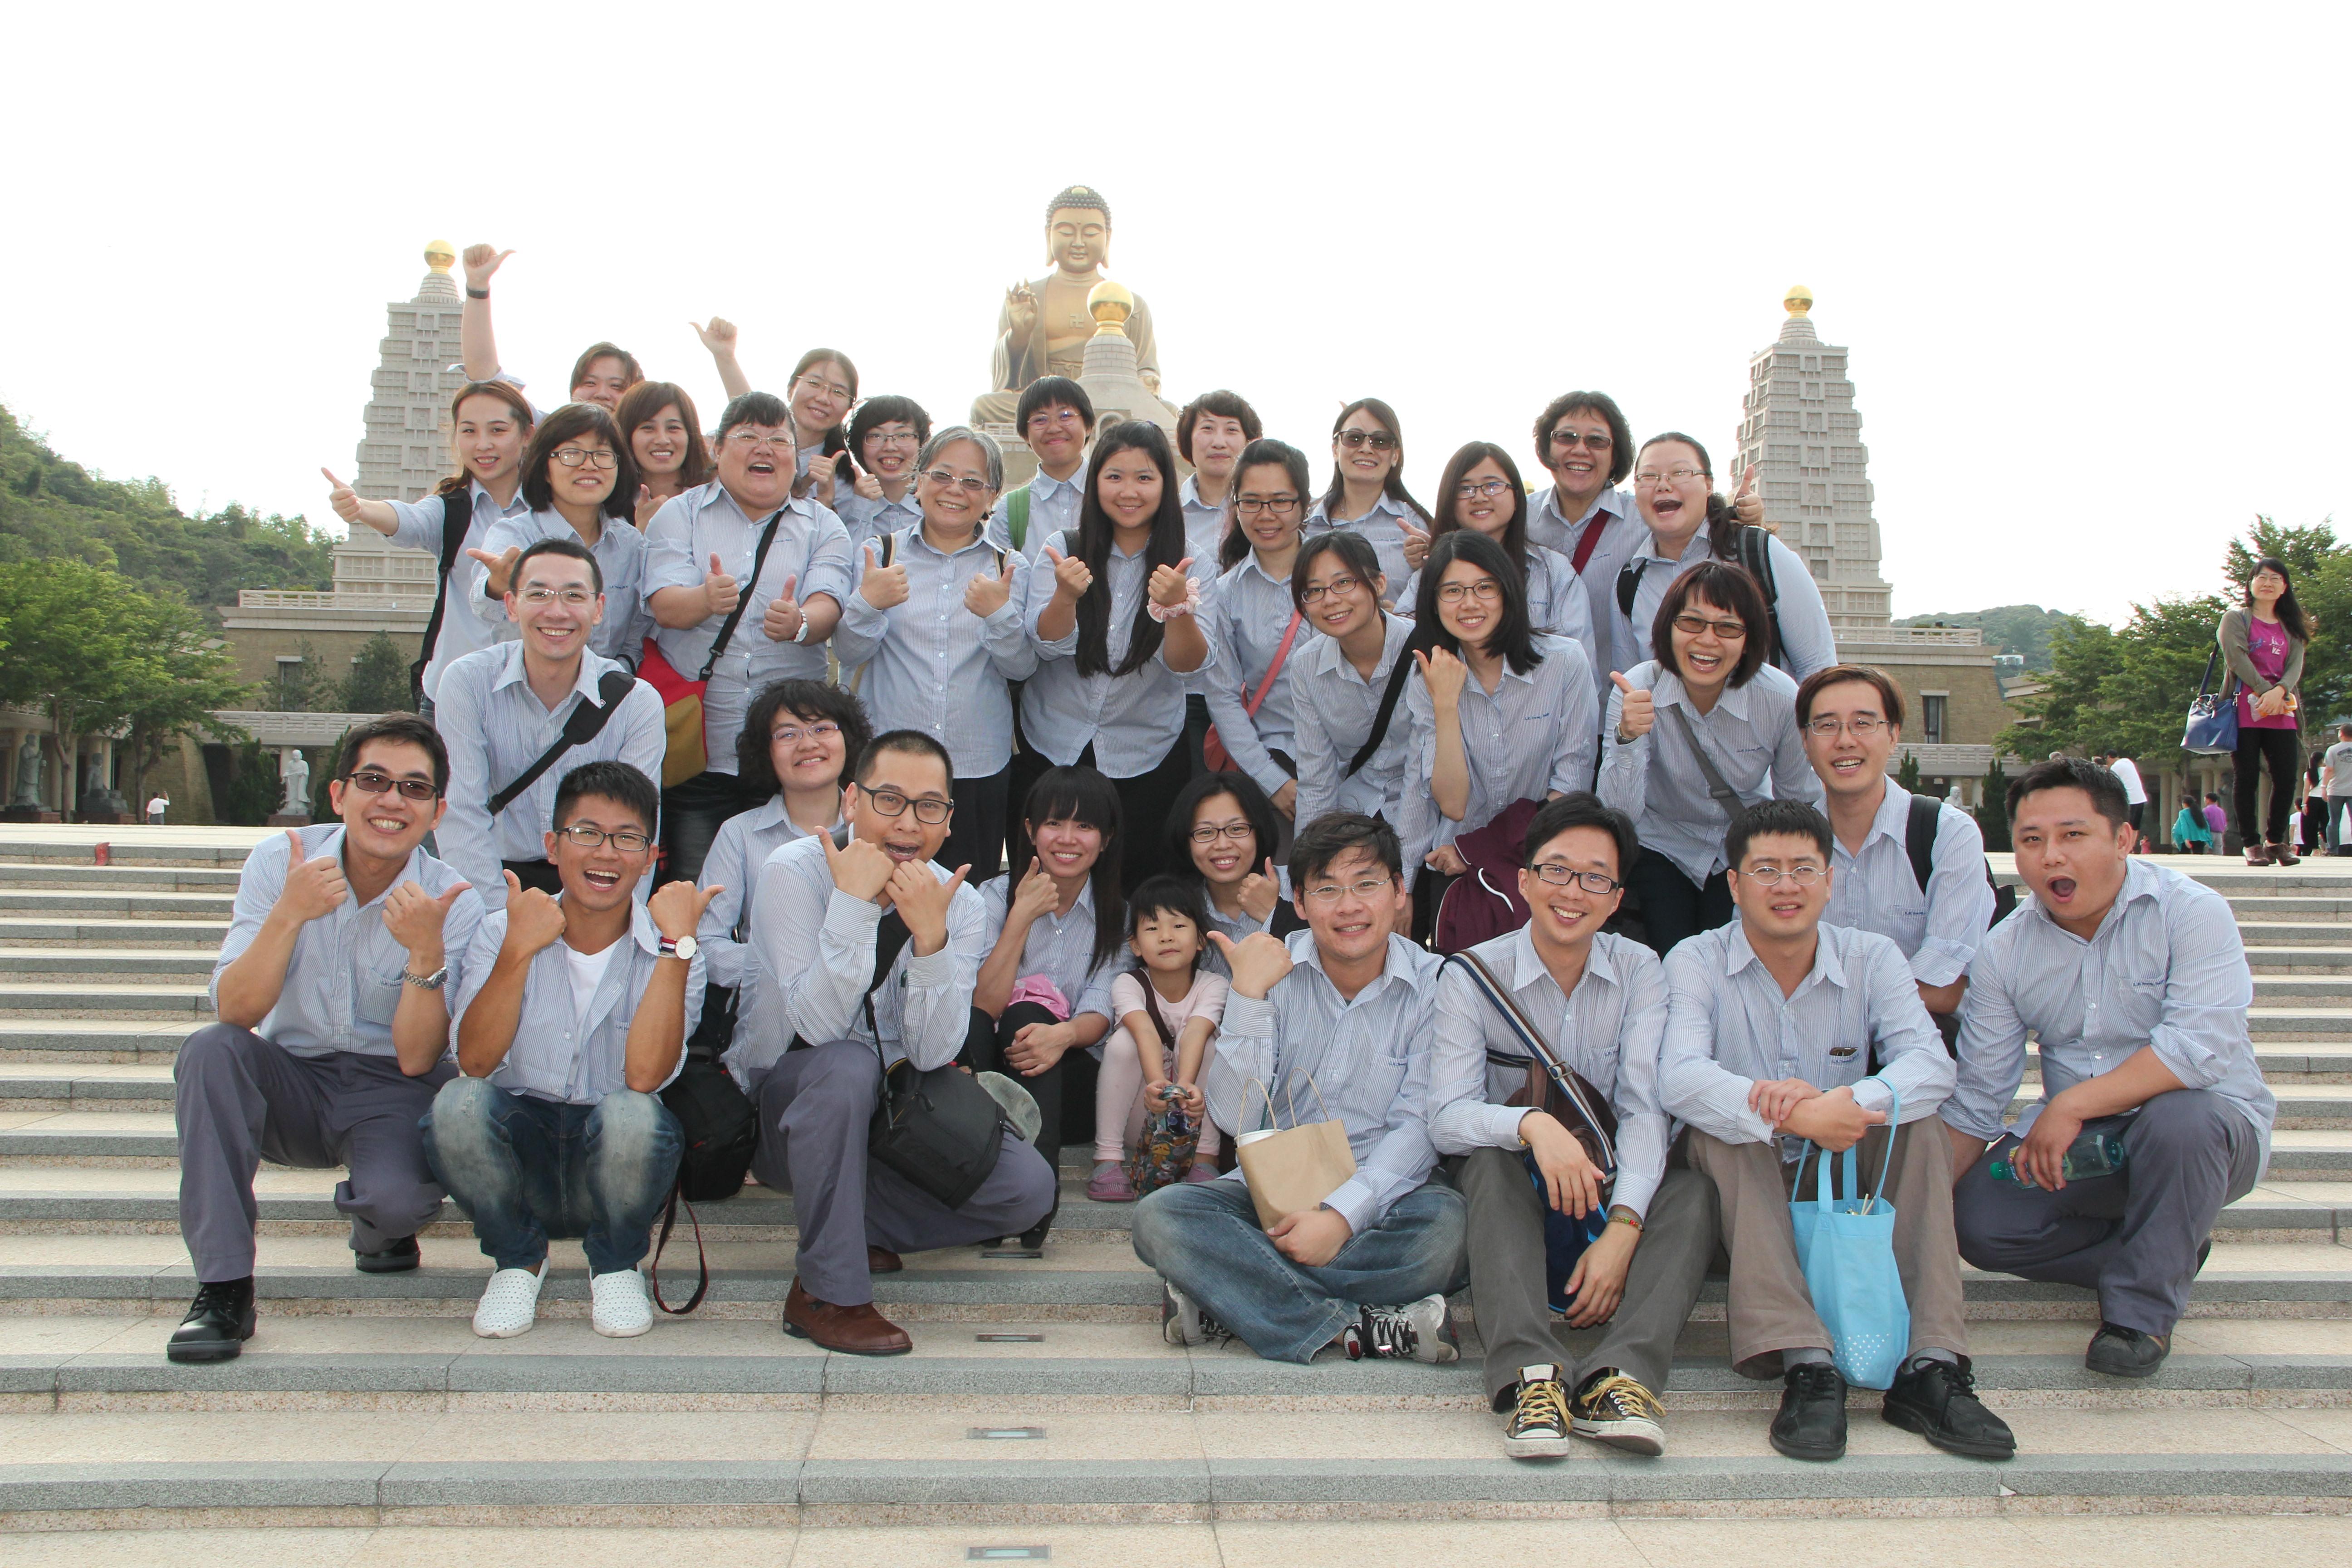 20150516佛光山天空之旅之青廣班學員護持引導組 – 南區卓越青年